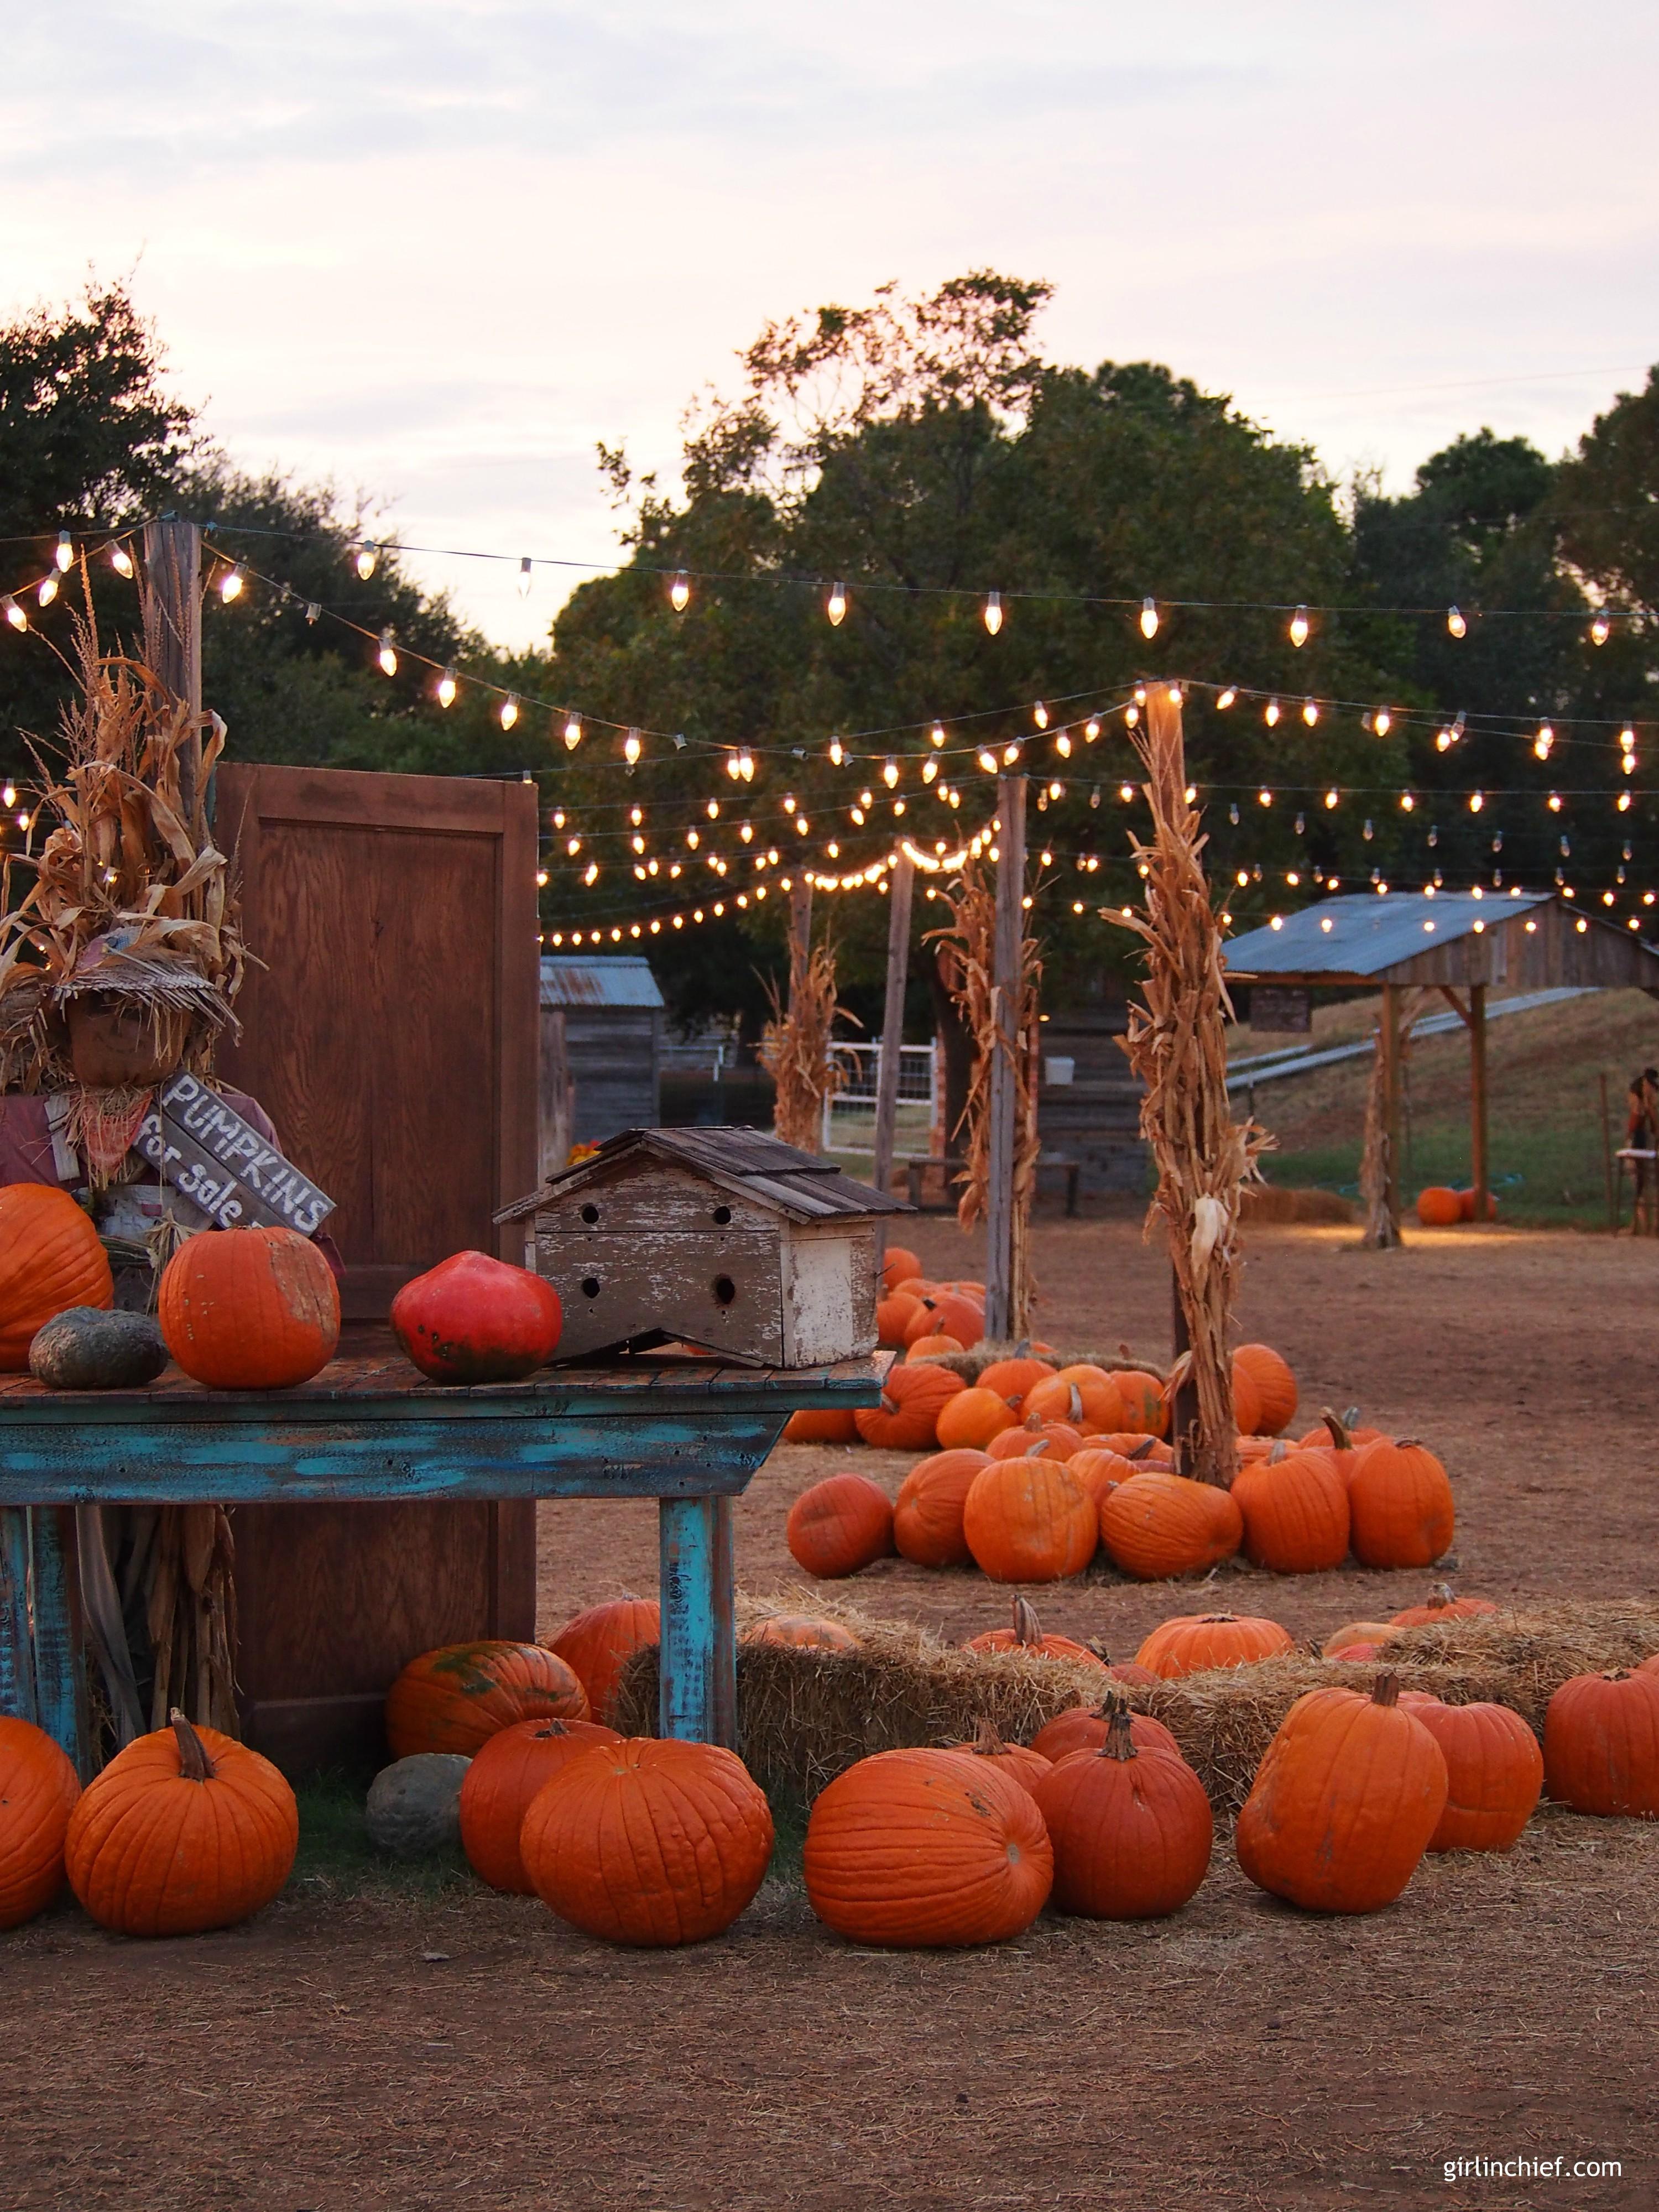 halls-pumpkin-farm-girlinchief